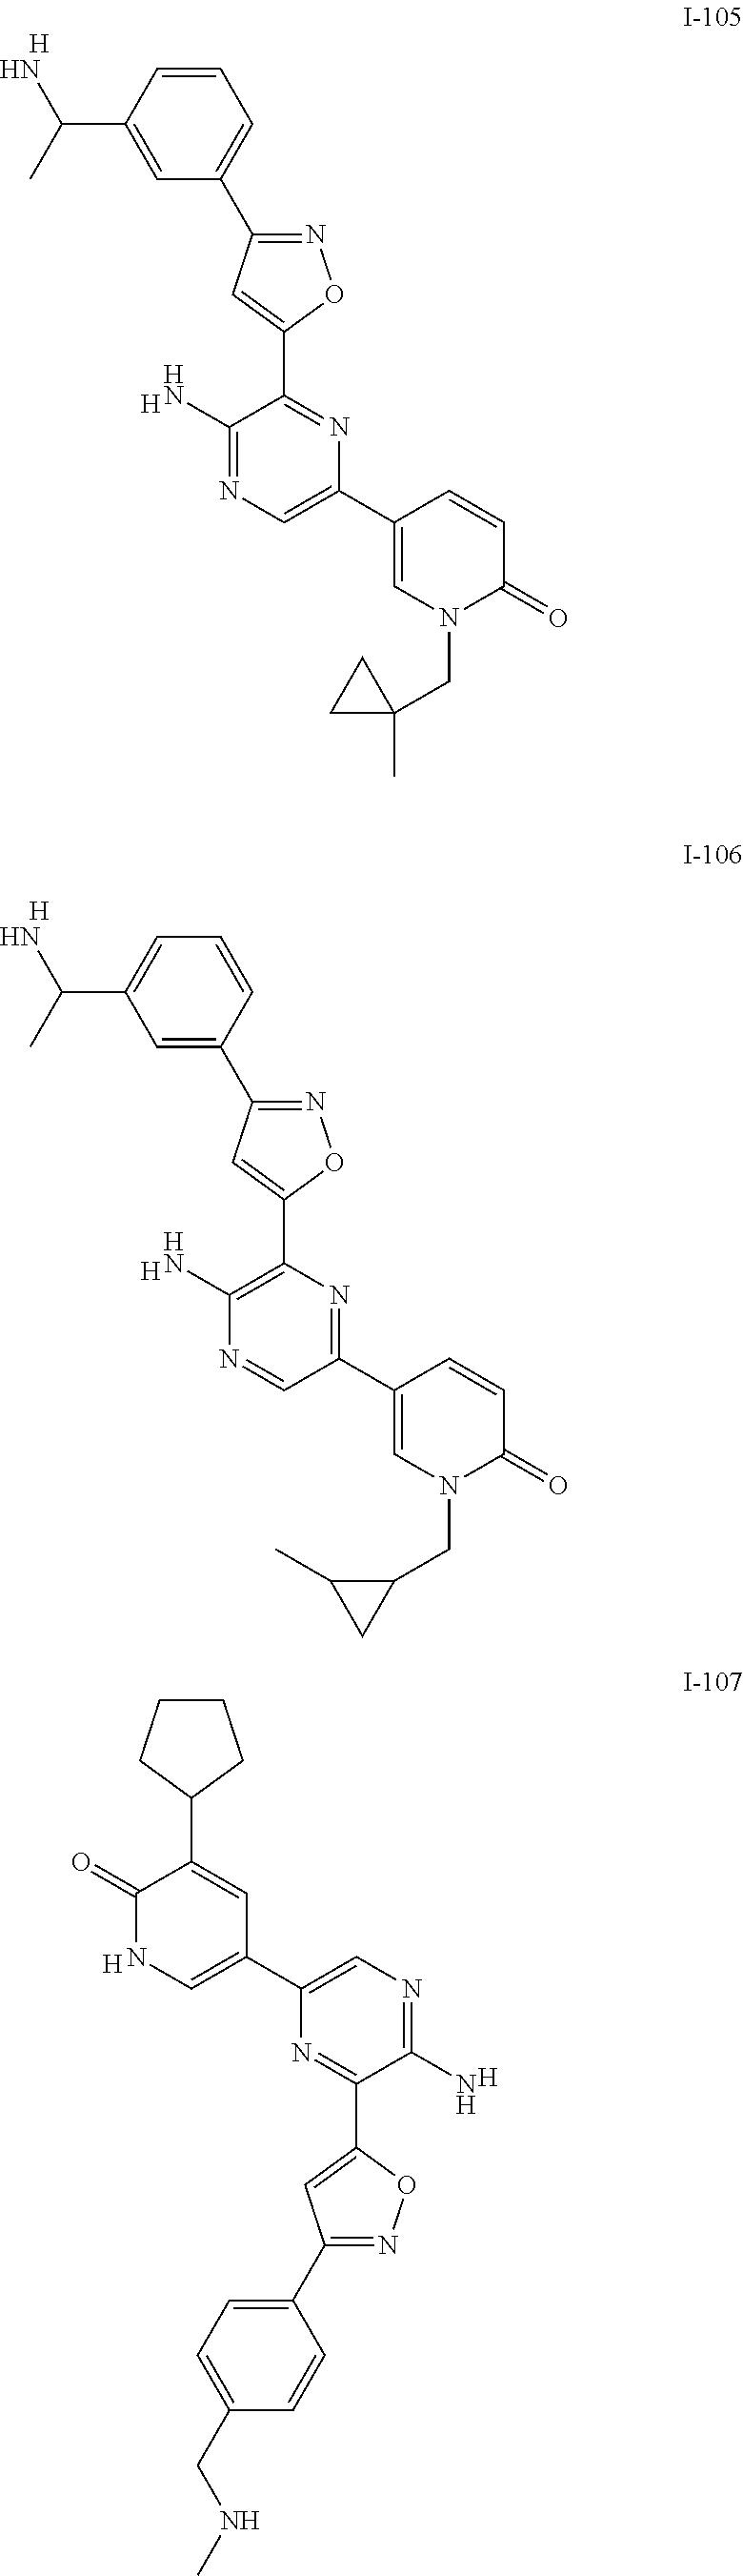 Figure US09630956-20170425-C00253